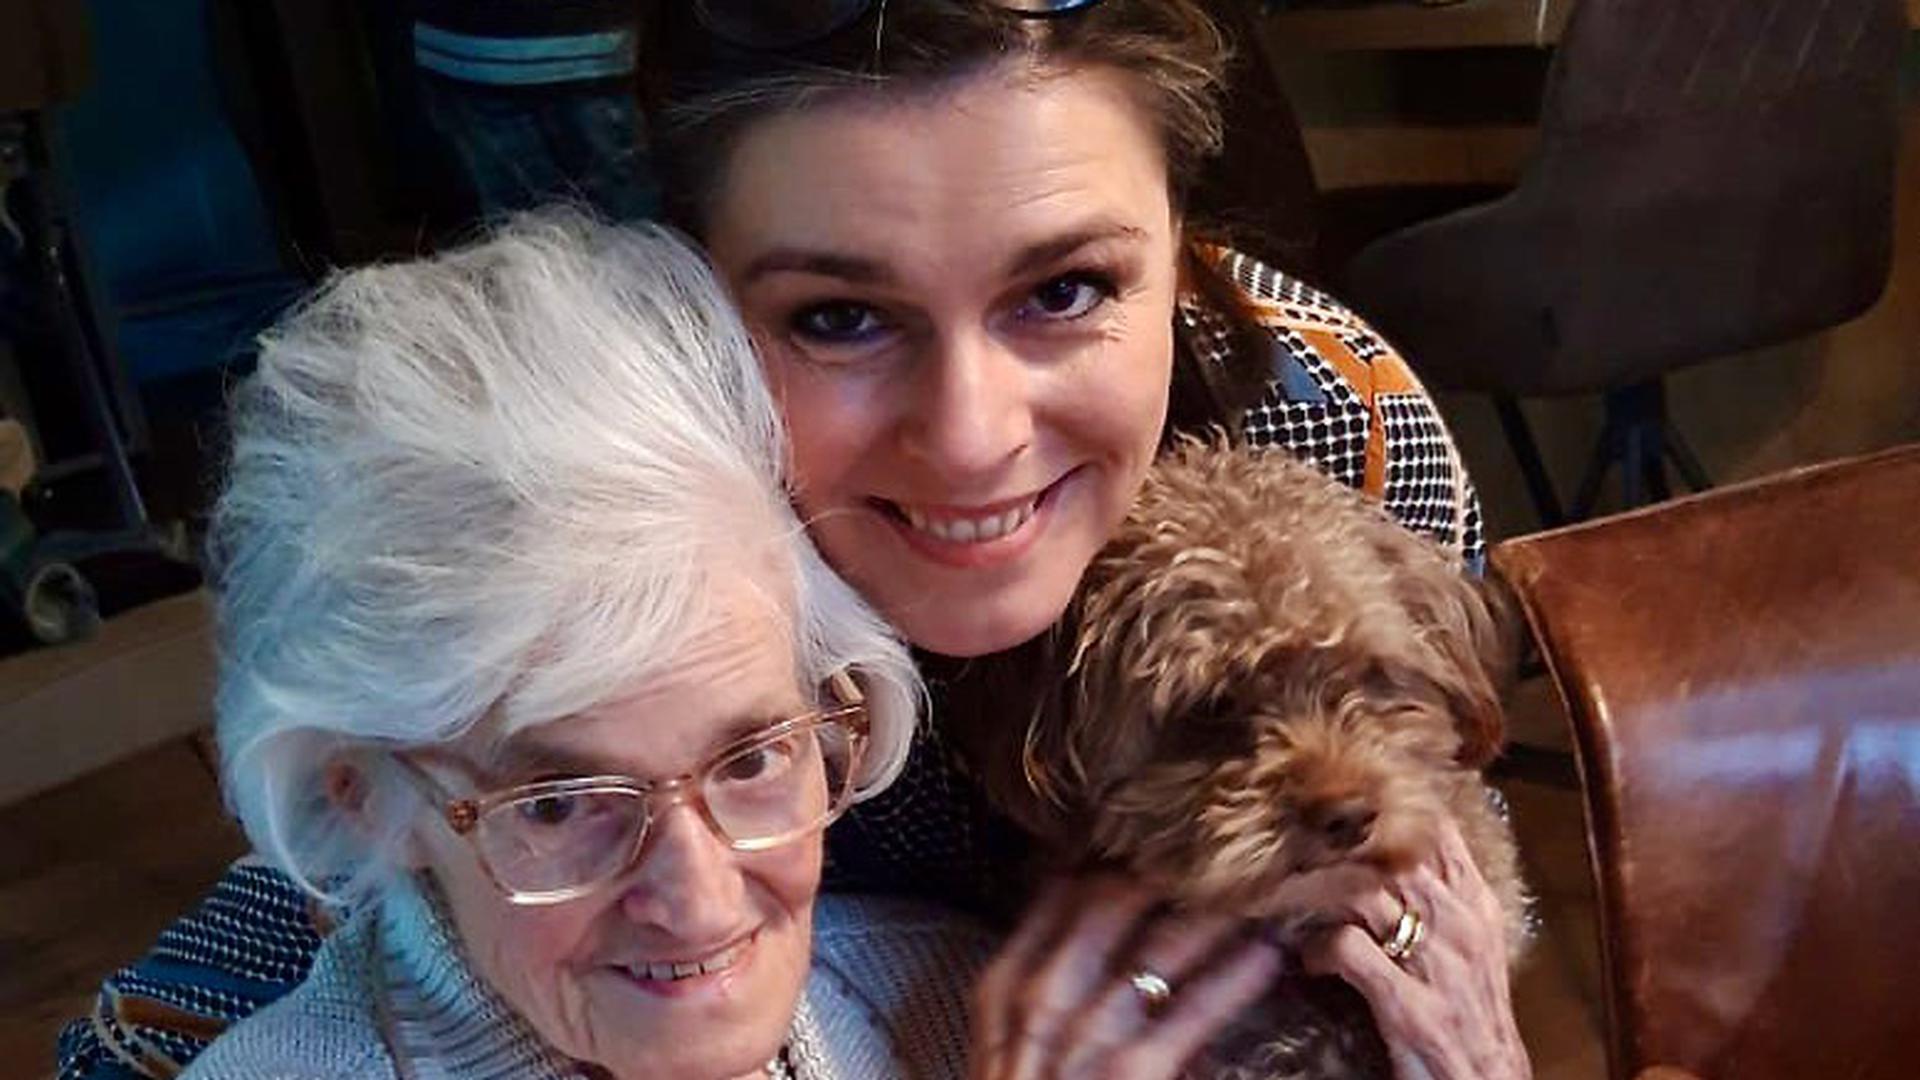 (Fotoquelle: Charlotte Elisa Blum) Untertitel des Fotos: Sandra Herb (47 Jahre) aus Neureut mit ihrer gehörlosen Mutter Ingeborg.